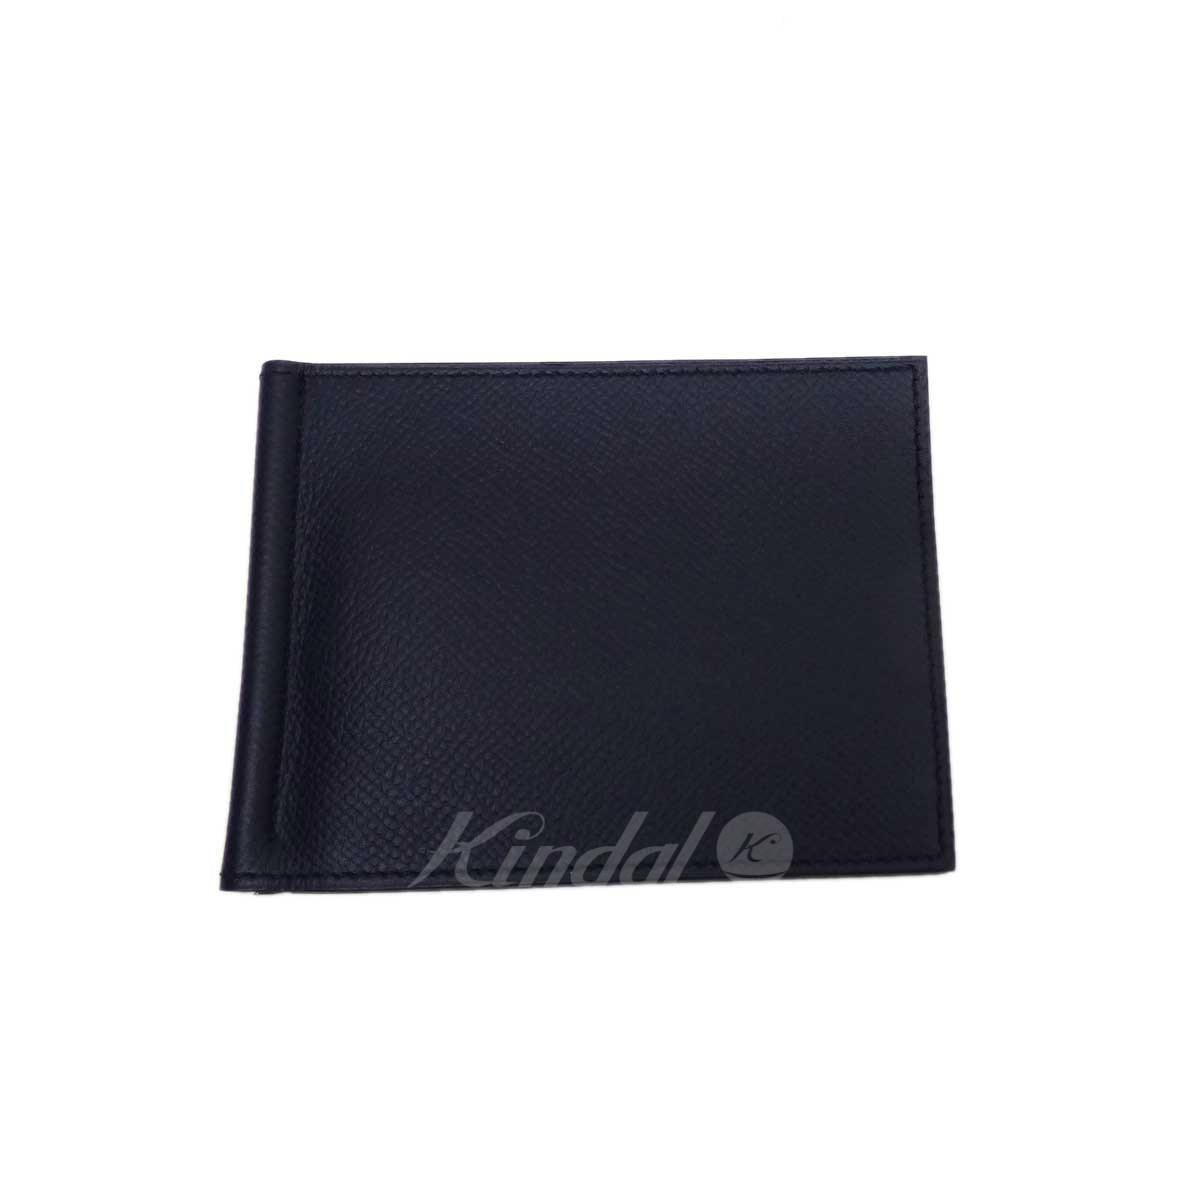 【中古】HERMES ポーカーGM X刻印(2016年製) 二つ折り財布 【送料無料】 【219285】 【KT1636】 【返品不可】